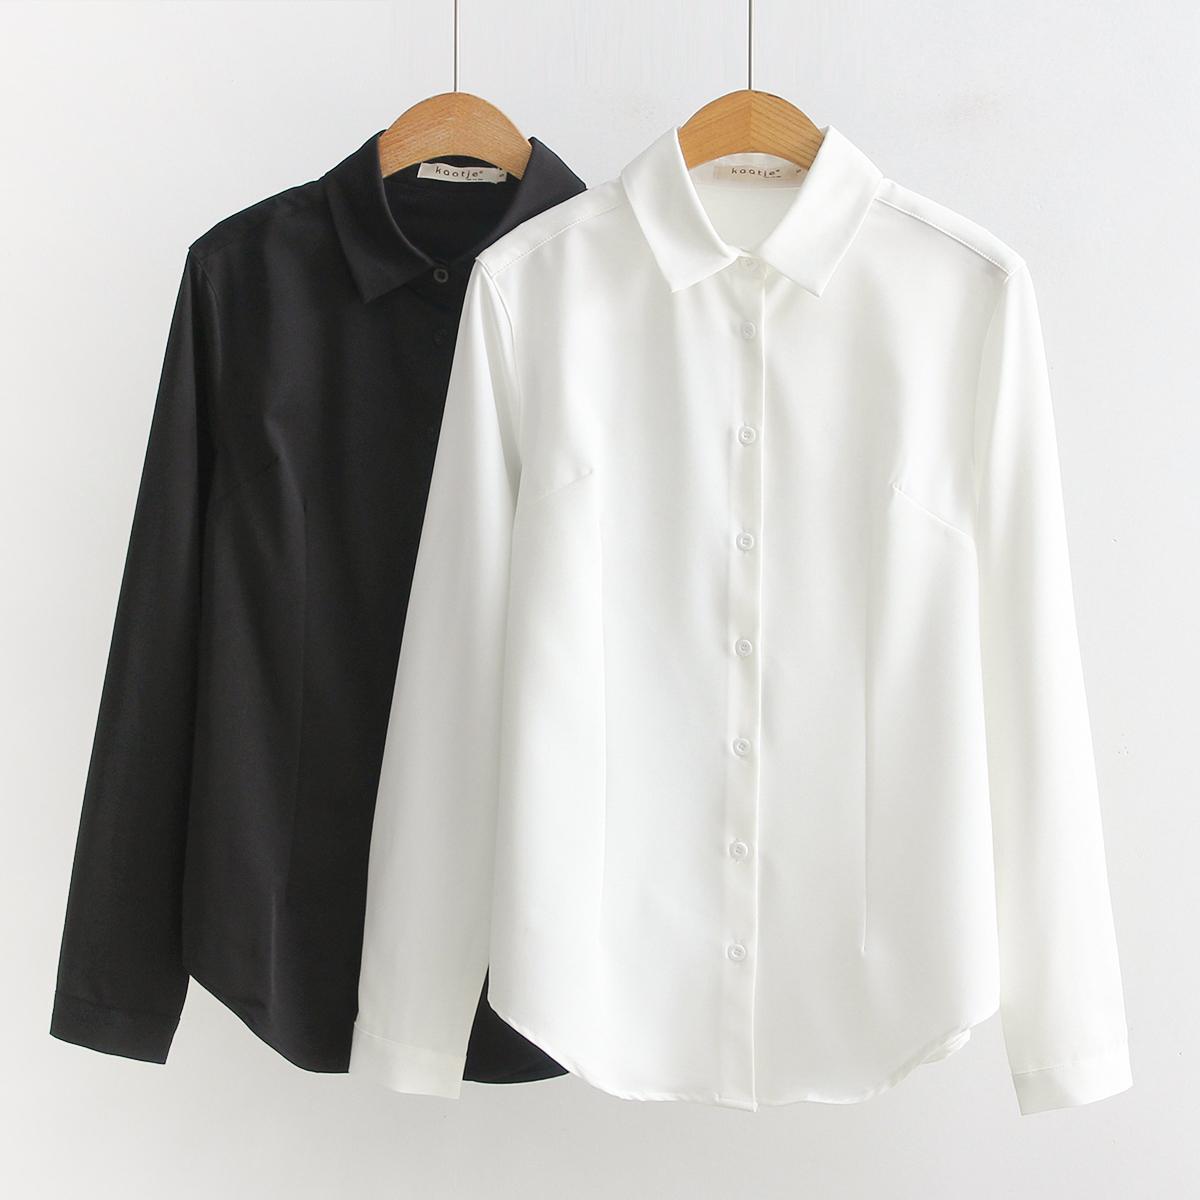 加厚不透气质长袖女方领韩版白衬衫热销121件限时2件3折